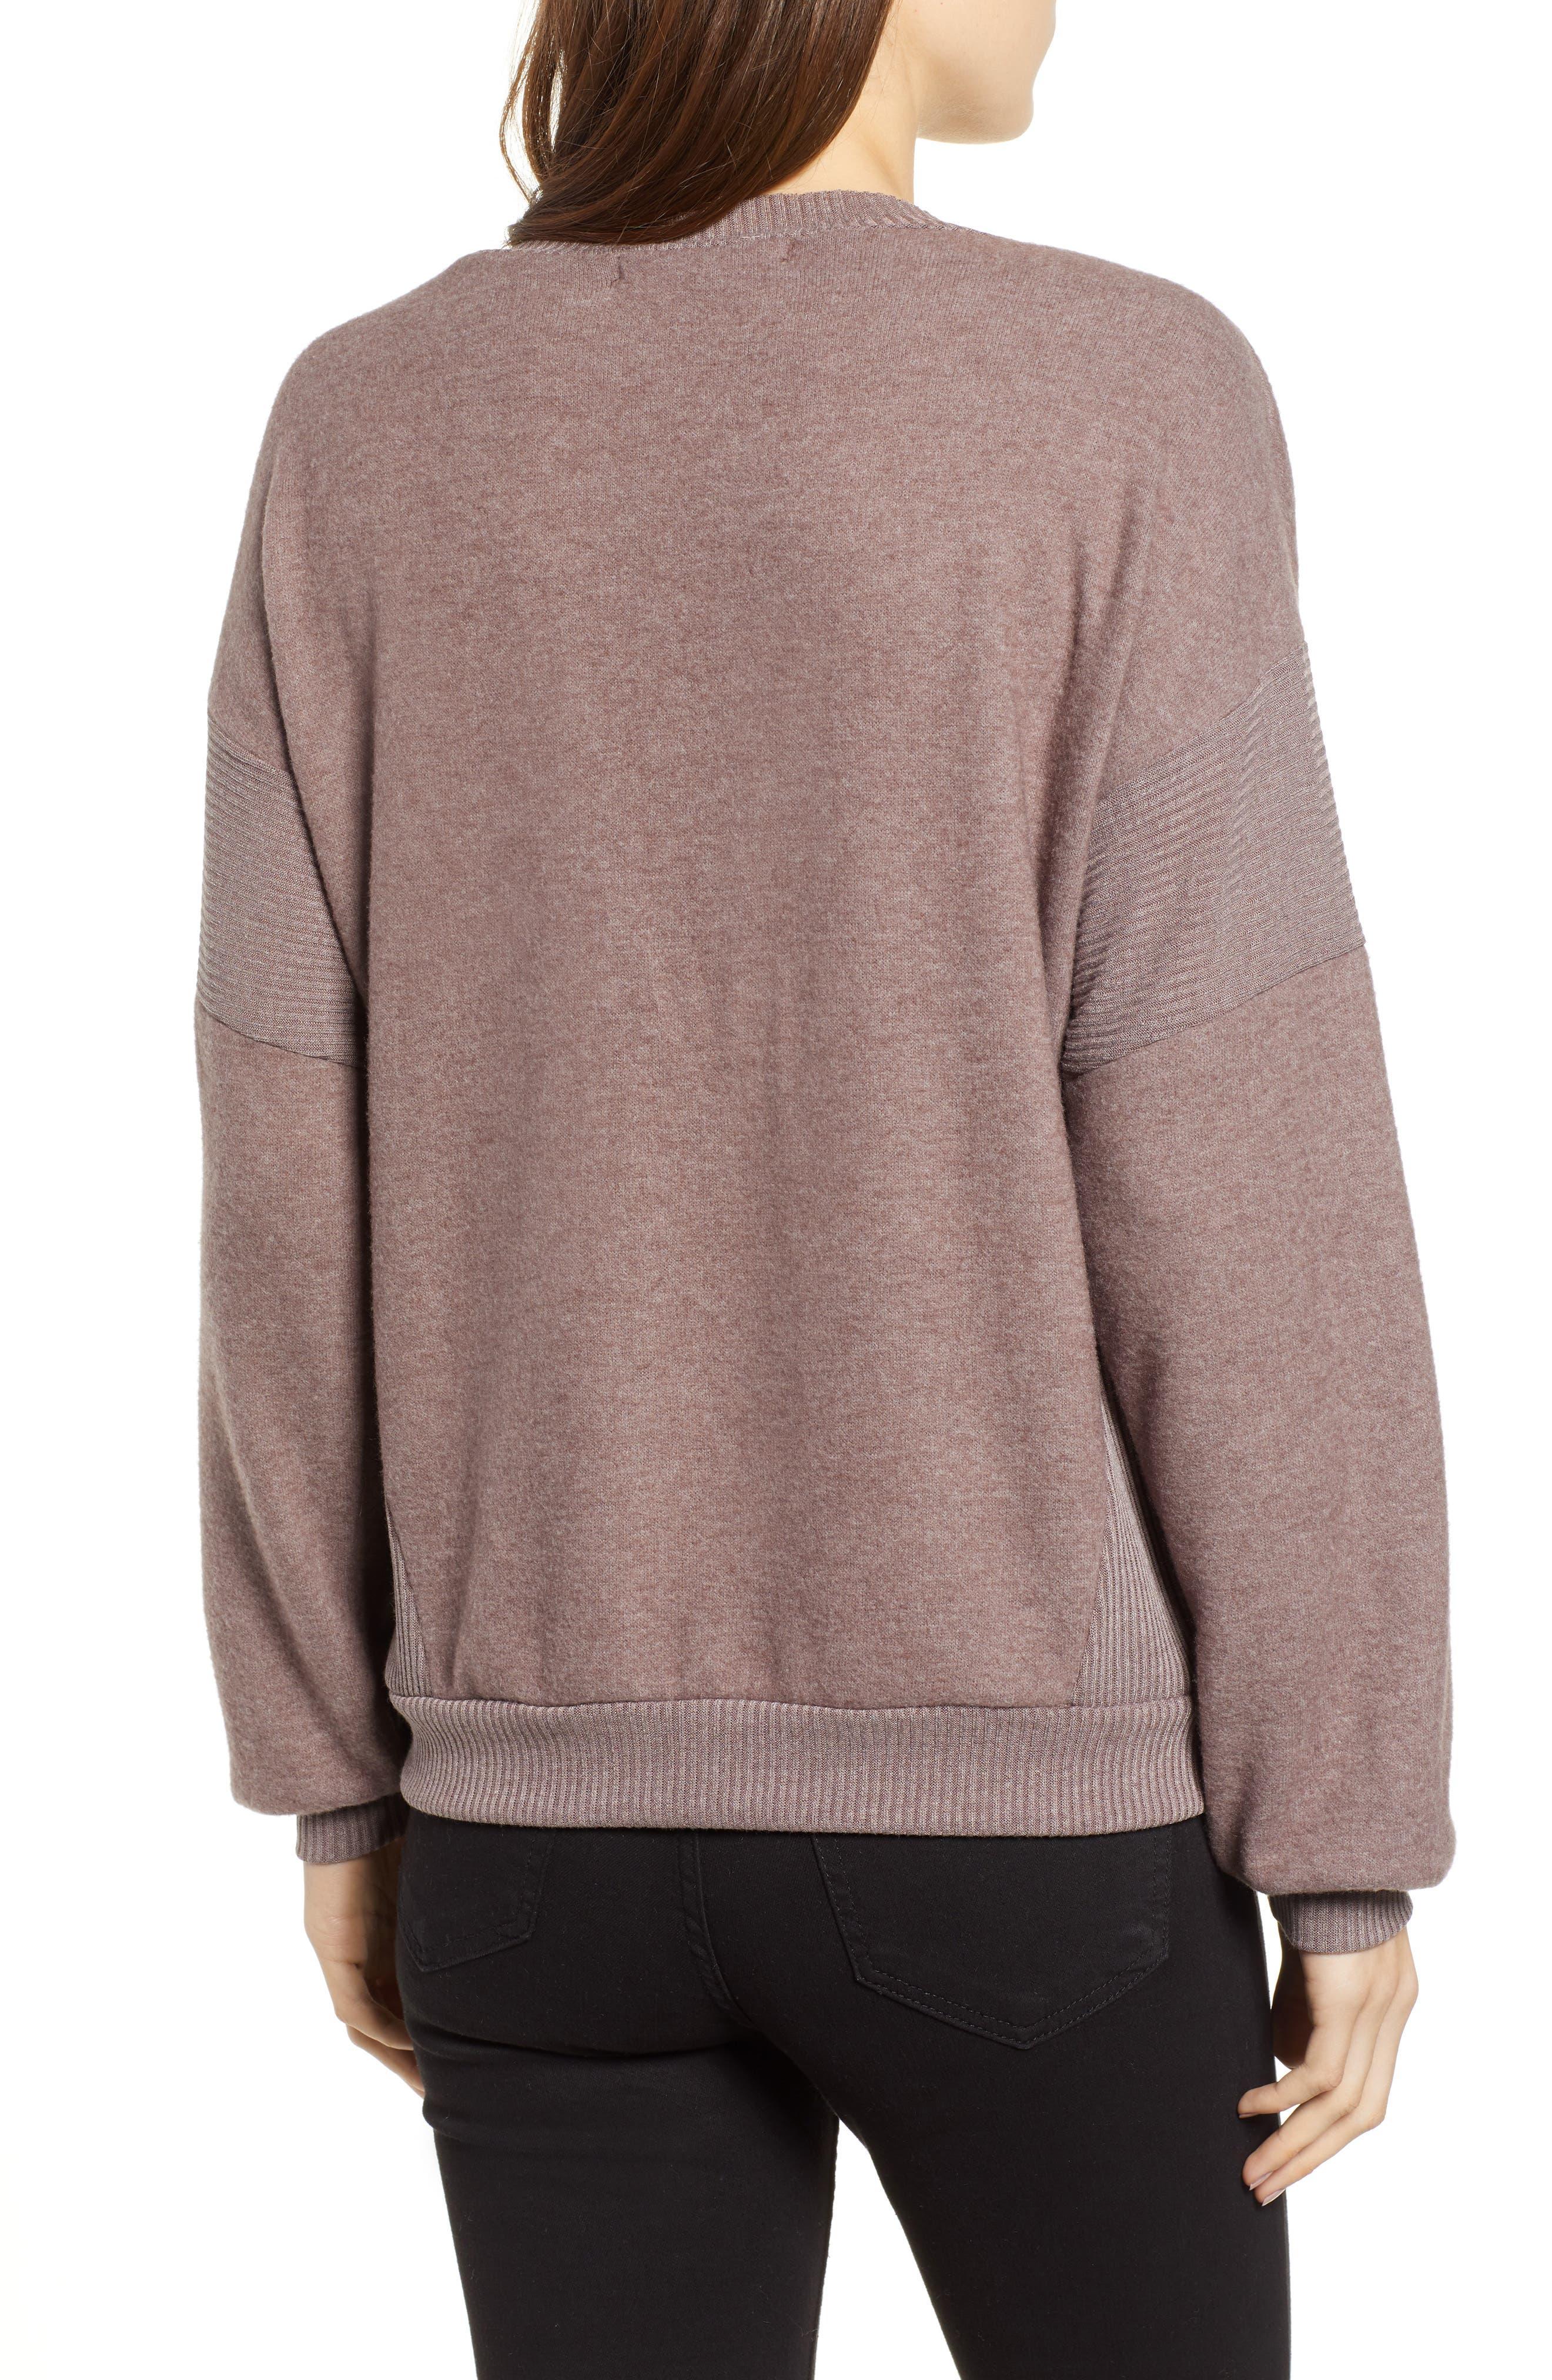 Alsen V-Neck Sweatshirt,                             Alternate thumbnail 2, color,                             250